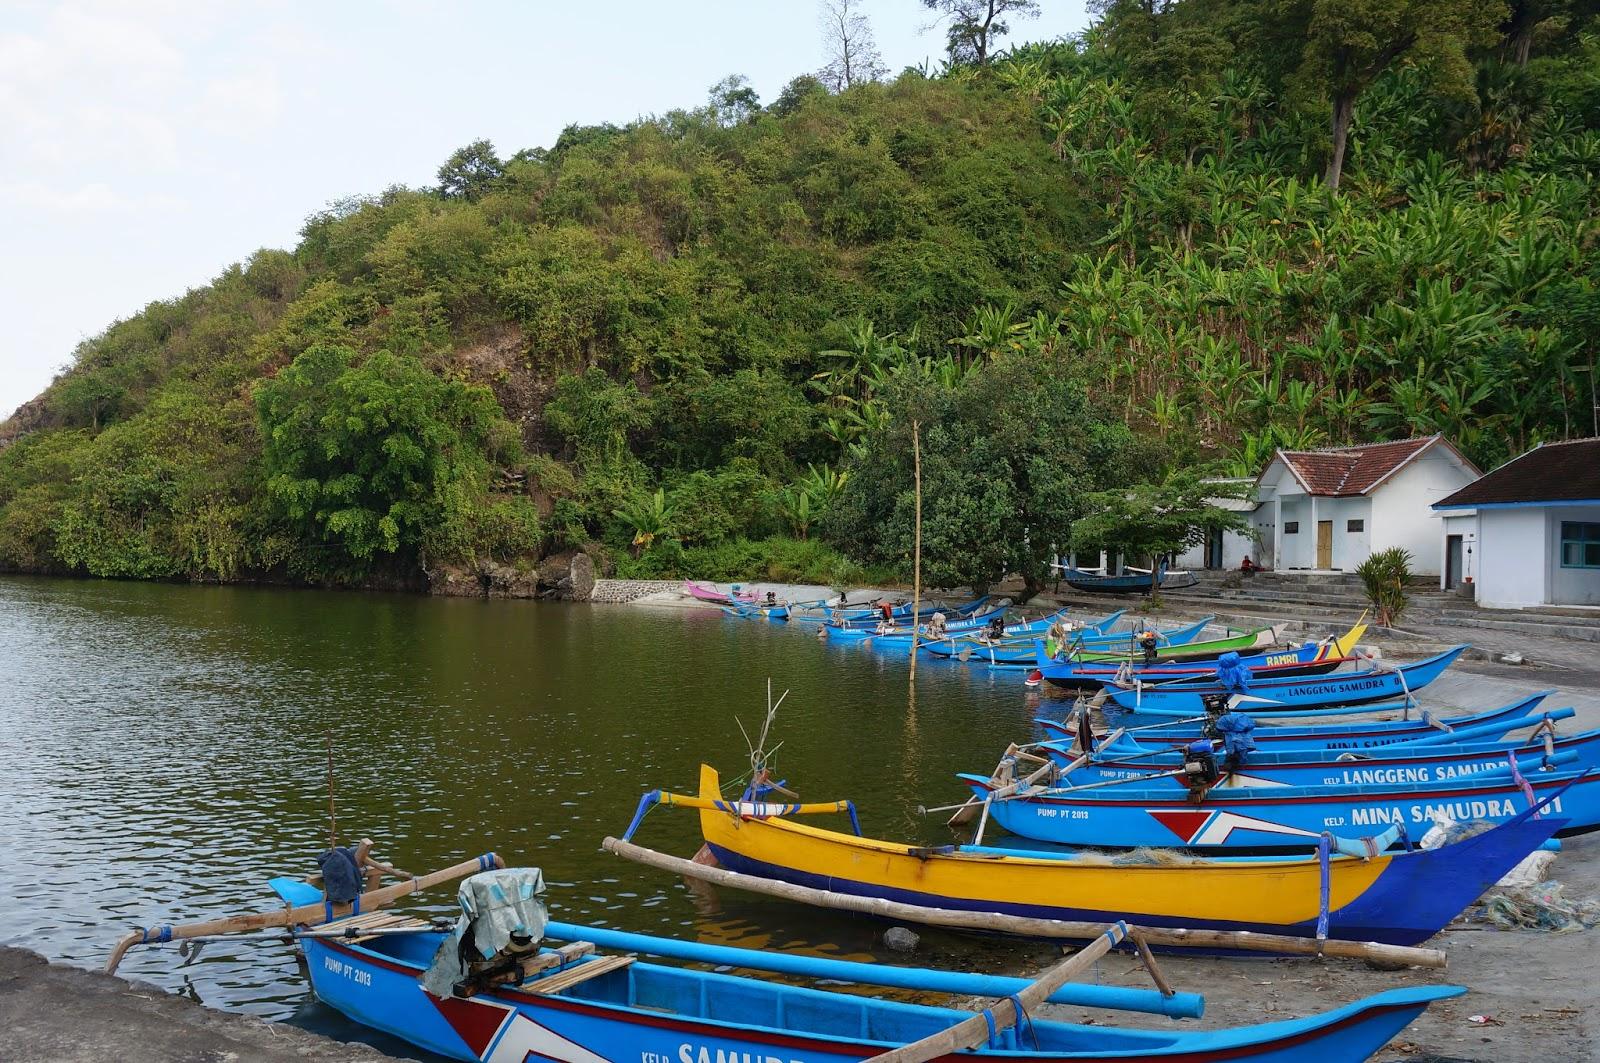 Wisata Pantai Lumajang Pesona Pariwisata Seni Budaya Jendela Tlepuk Kab